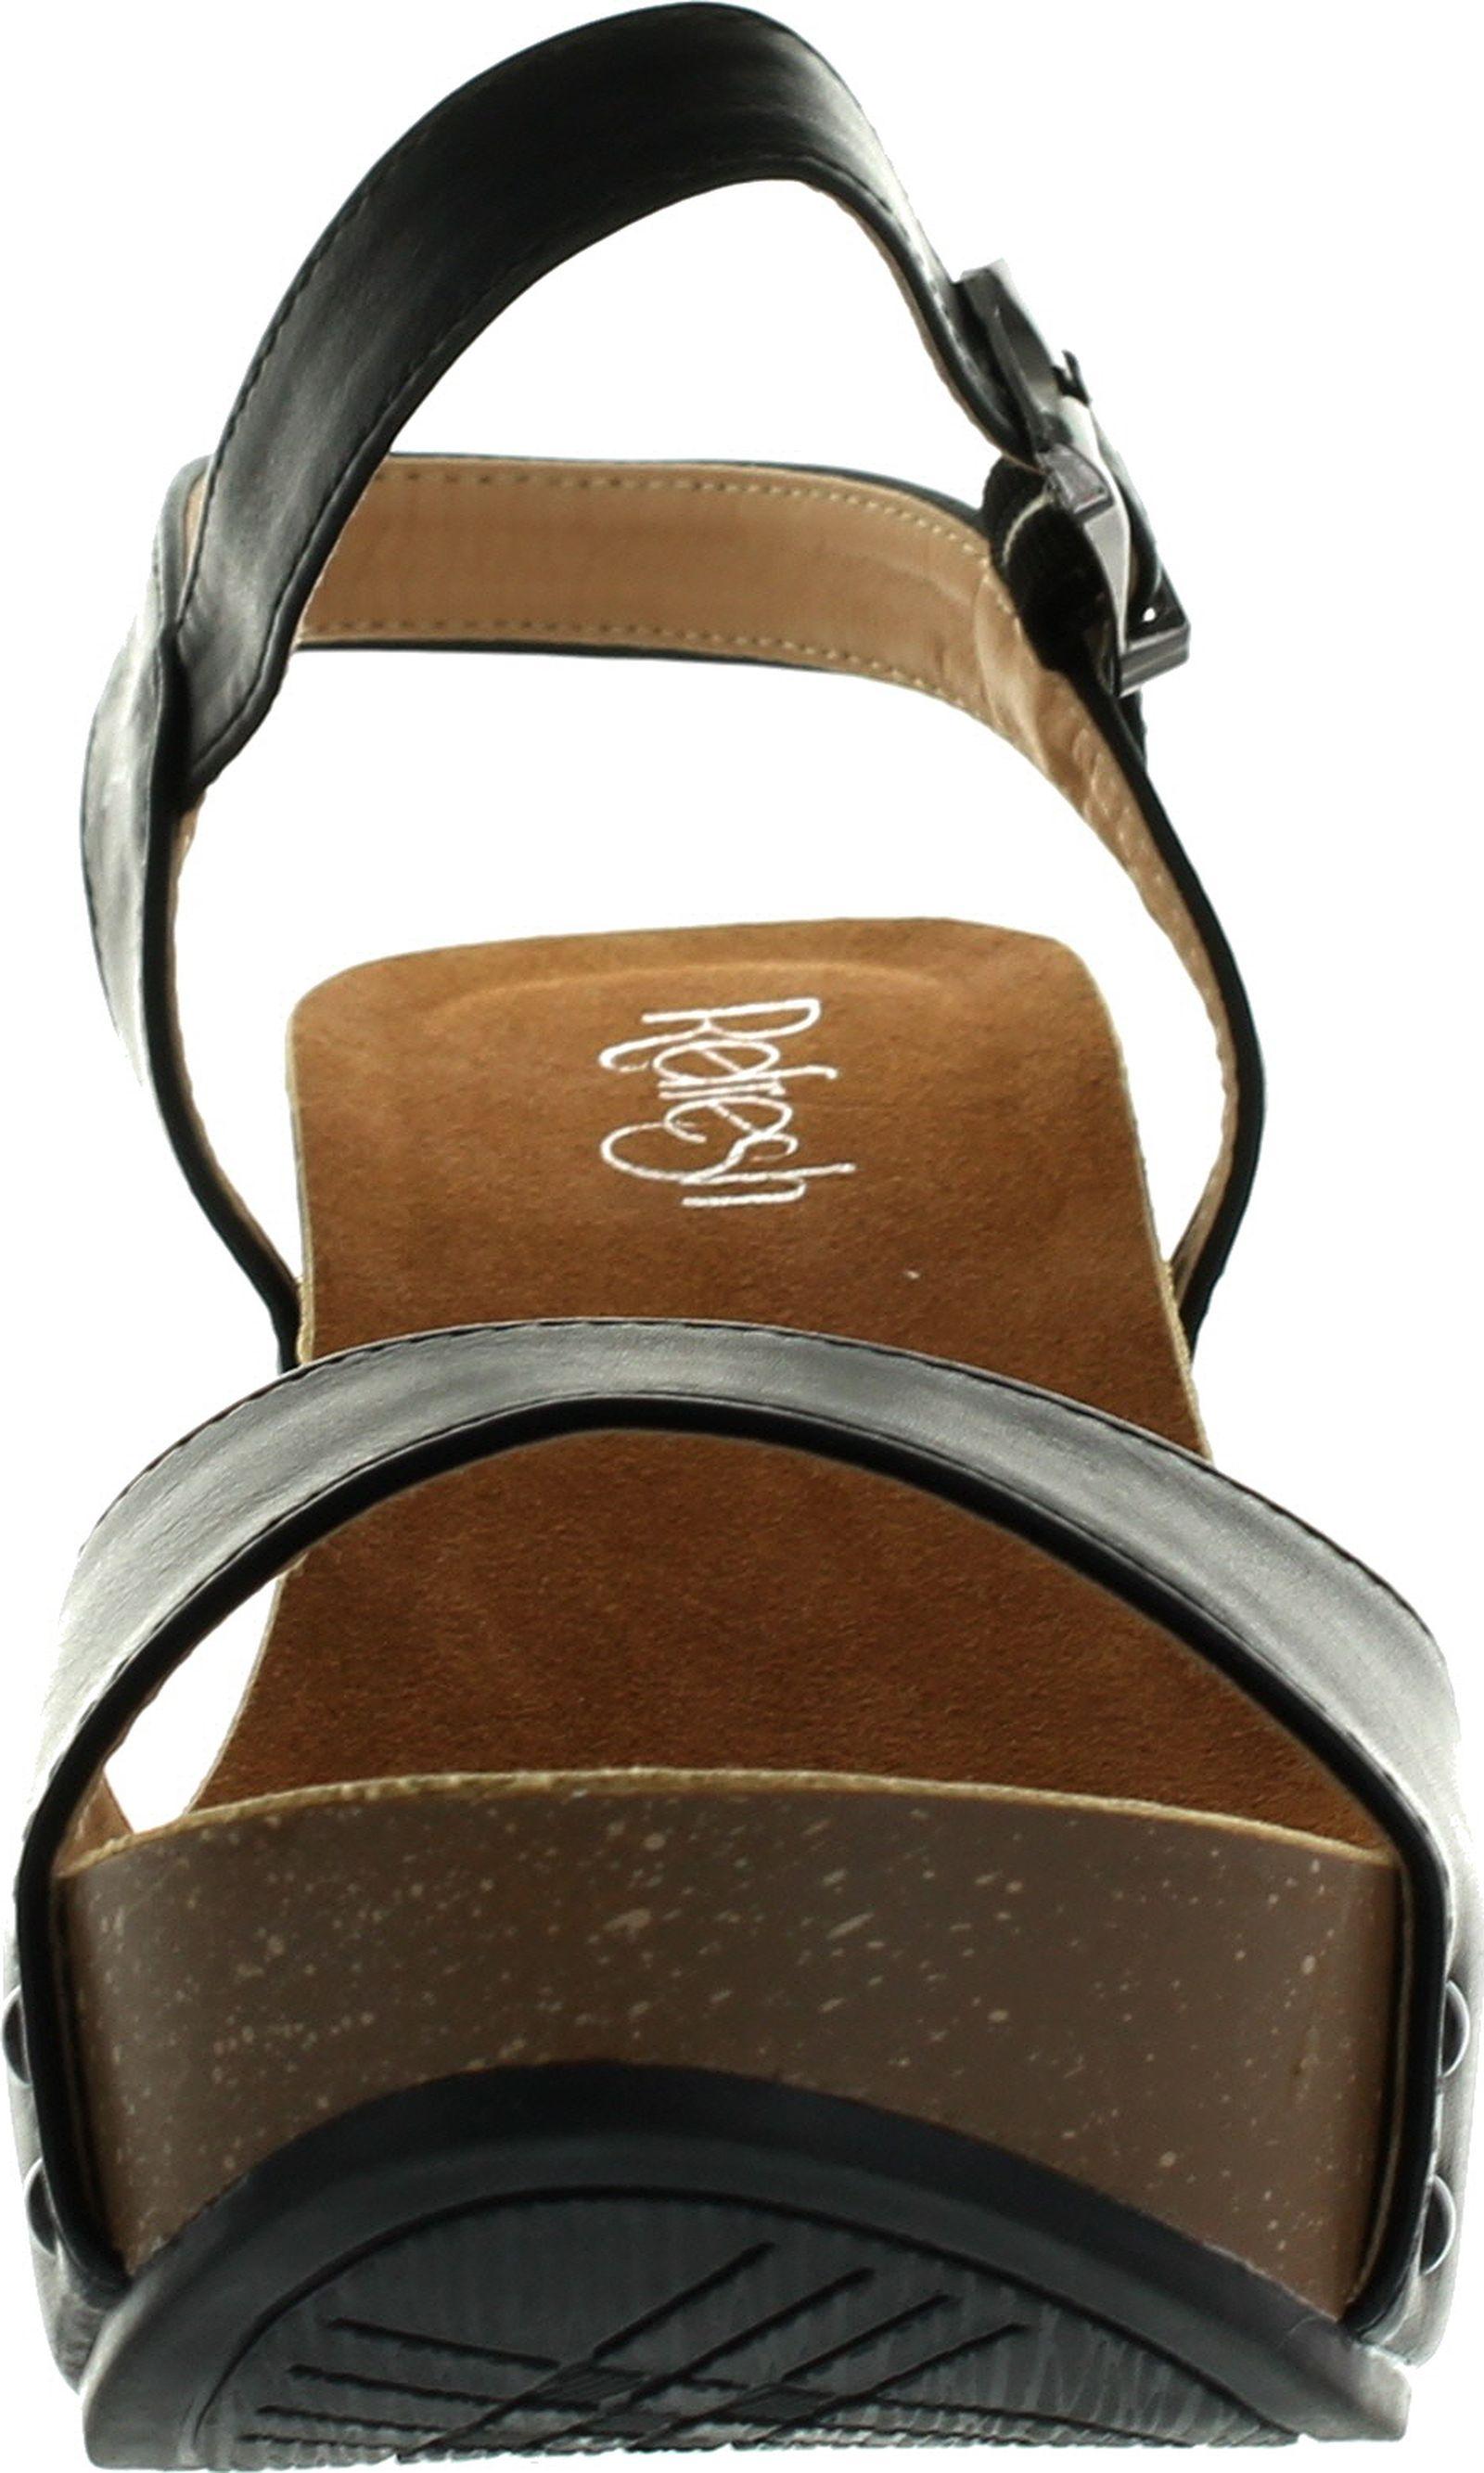 buy cute wedge comfortable comfort best heels comforter image to for sandals